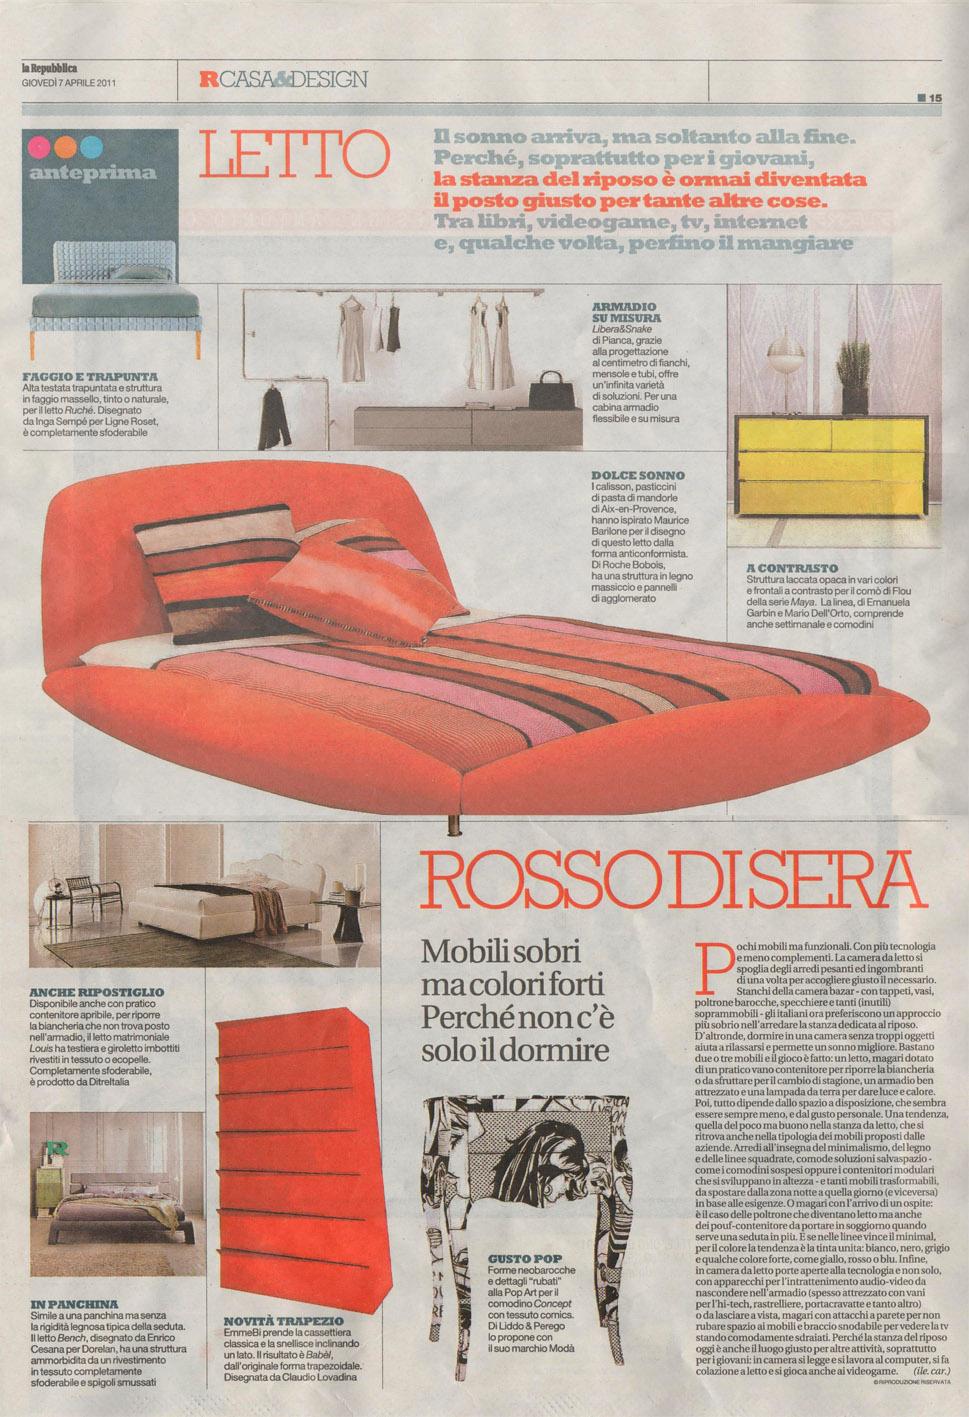 La Repubblica 7 Aprile 11.jpg